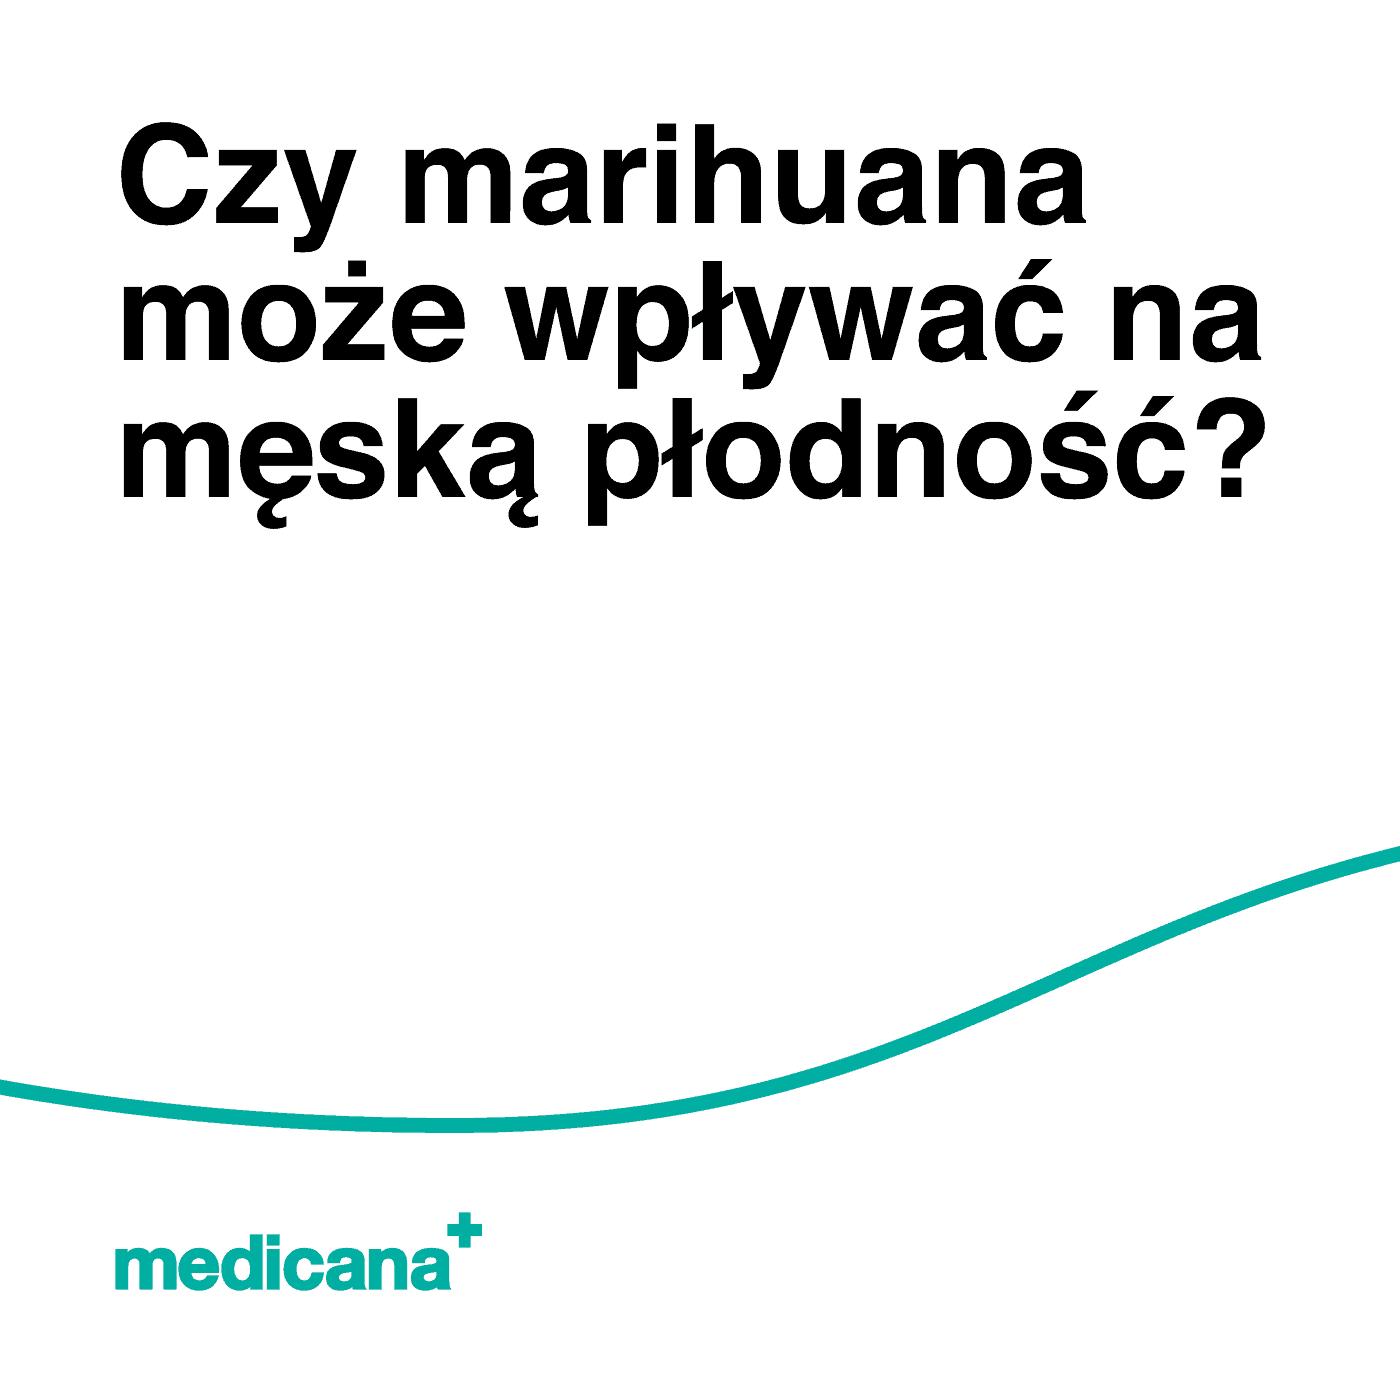 """Grafika, na białym tle czarny napis """"Czy marihuana może wpływać na męską płodność?"""" oraz zieloną linią na dole i zielonym logo medicana w lewym dolnym rogu."""